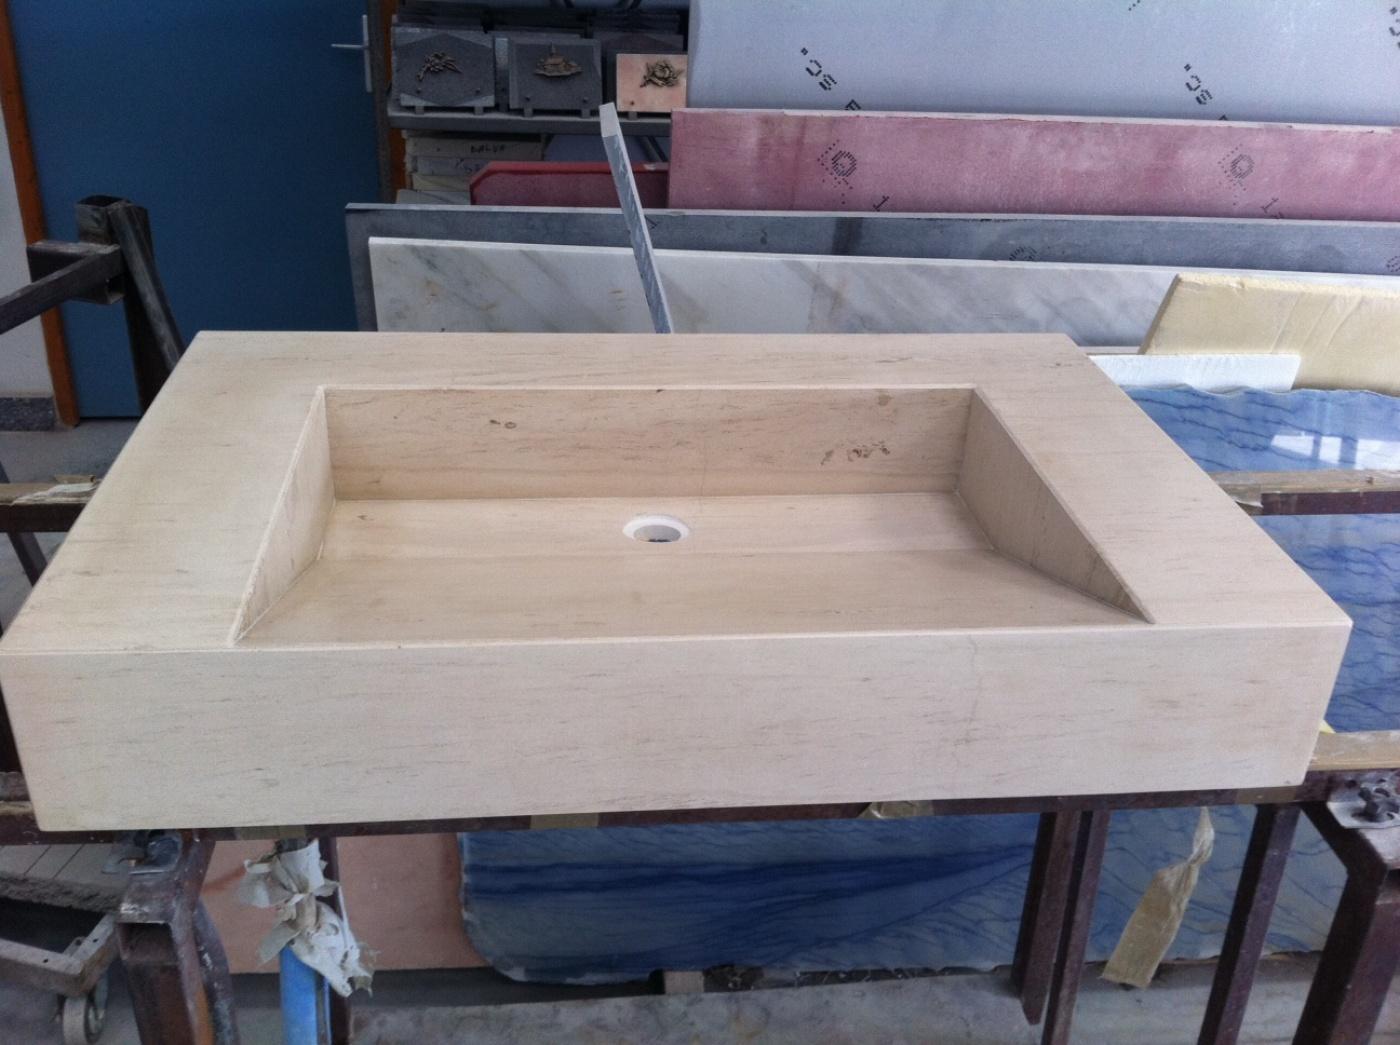 Vasque en Moca Creme à contre passe avec forme de pente style lavoir. Collage en onglet avec coupe à 45°